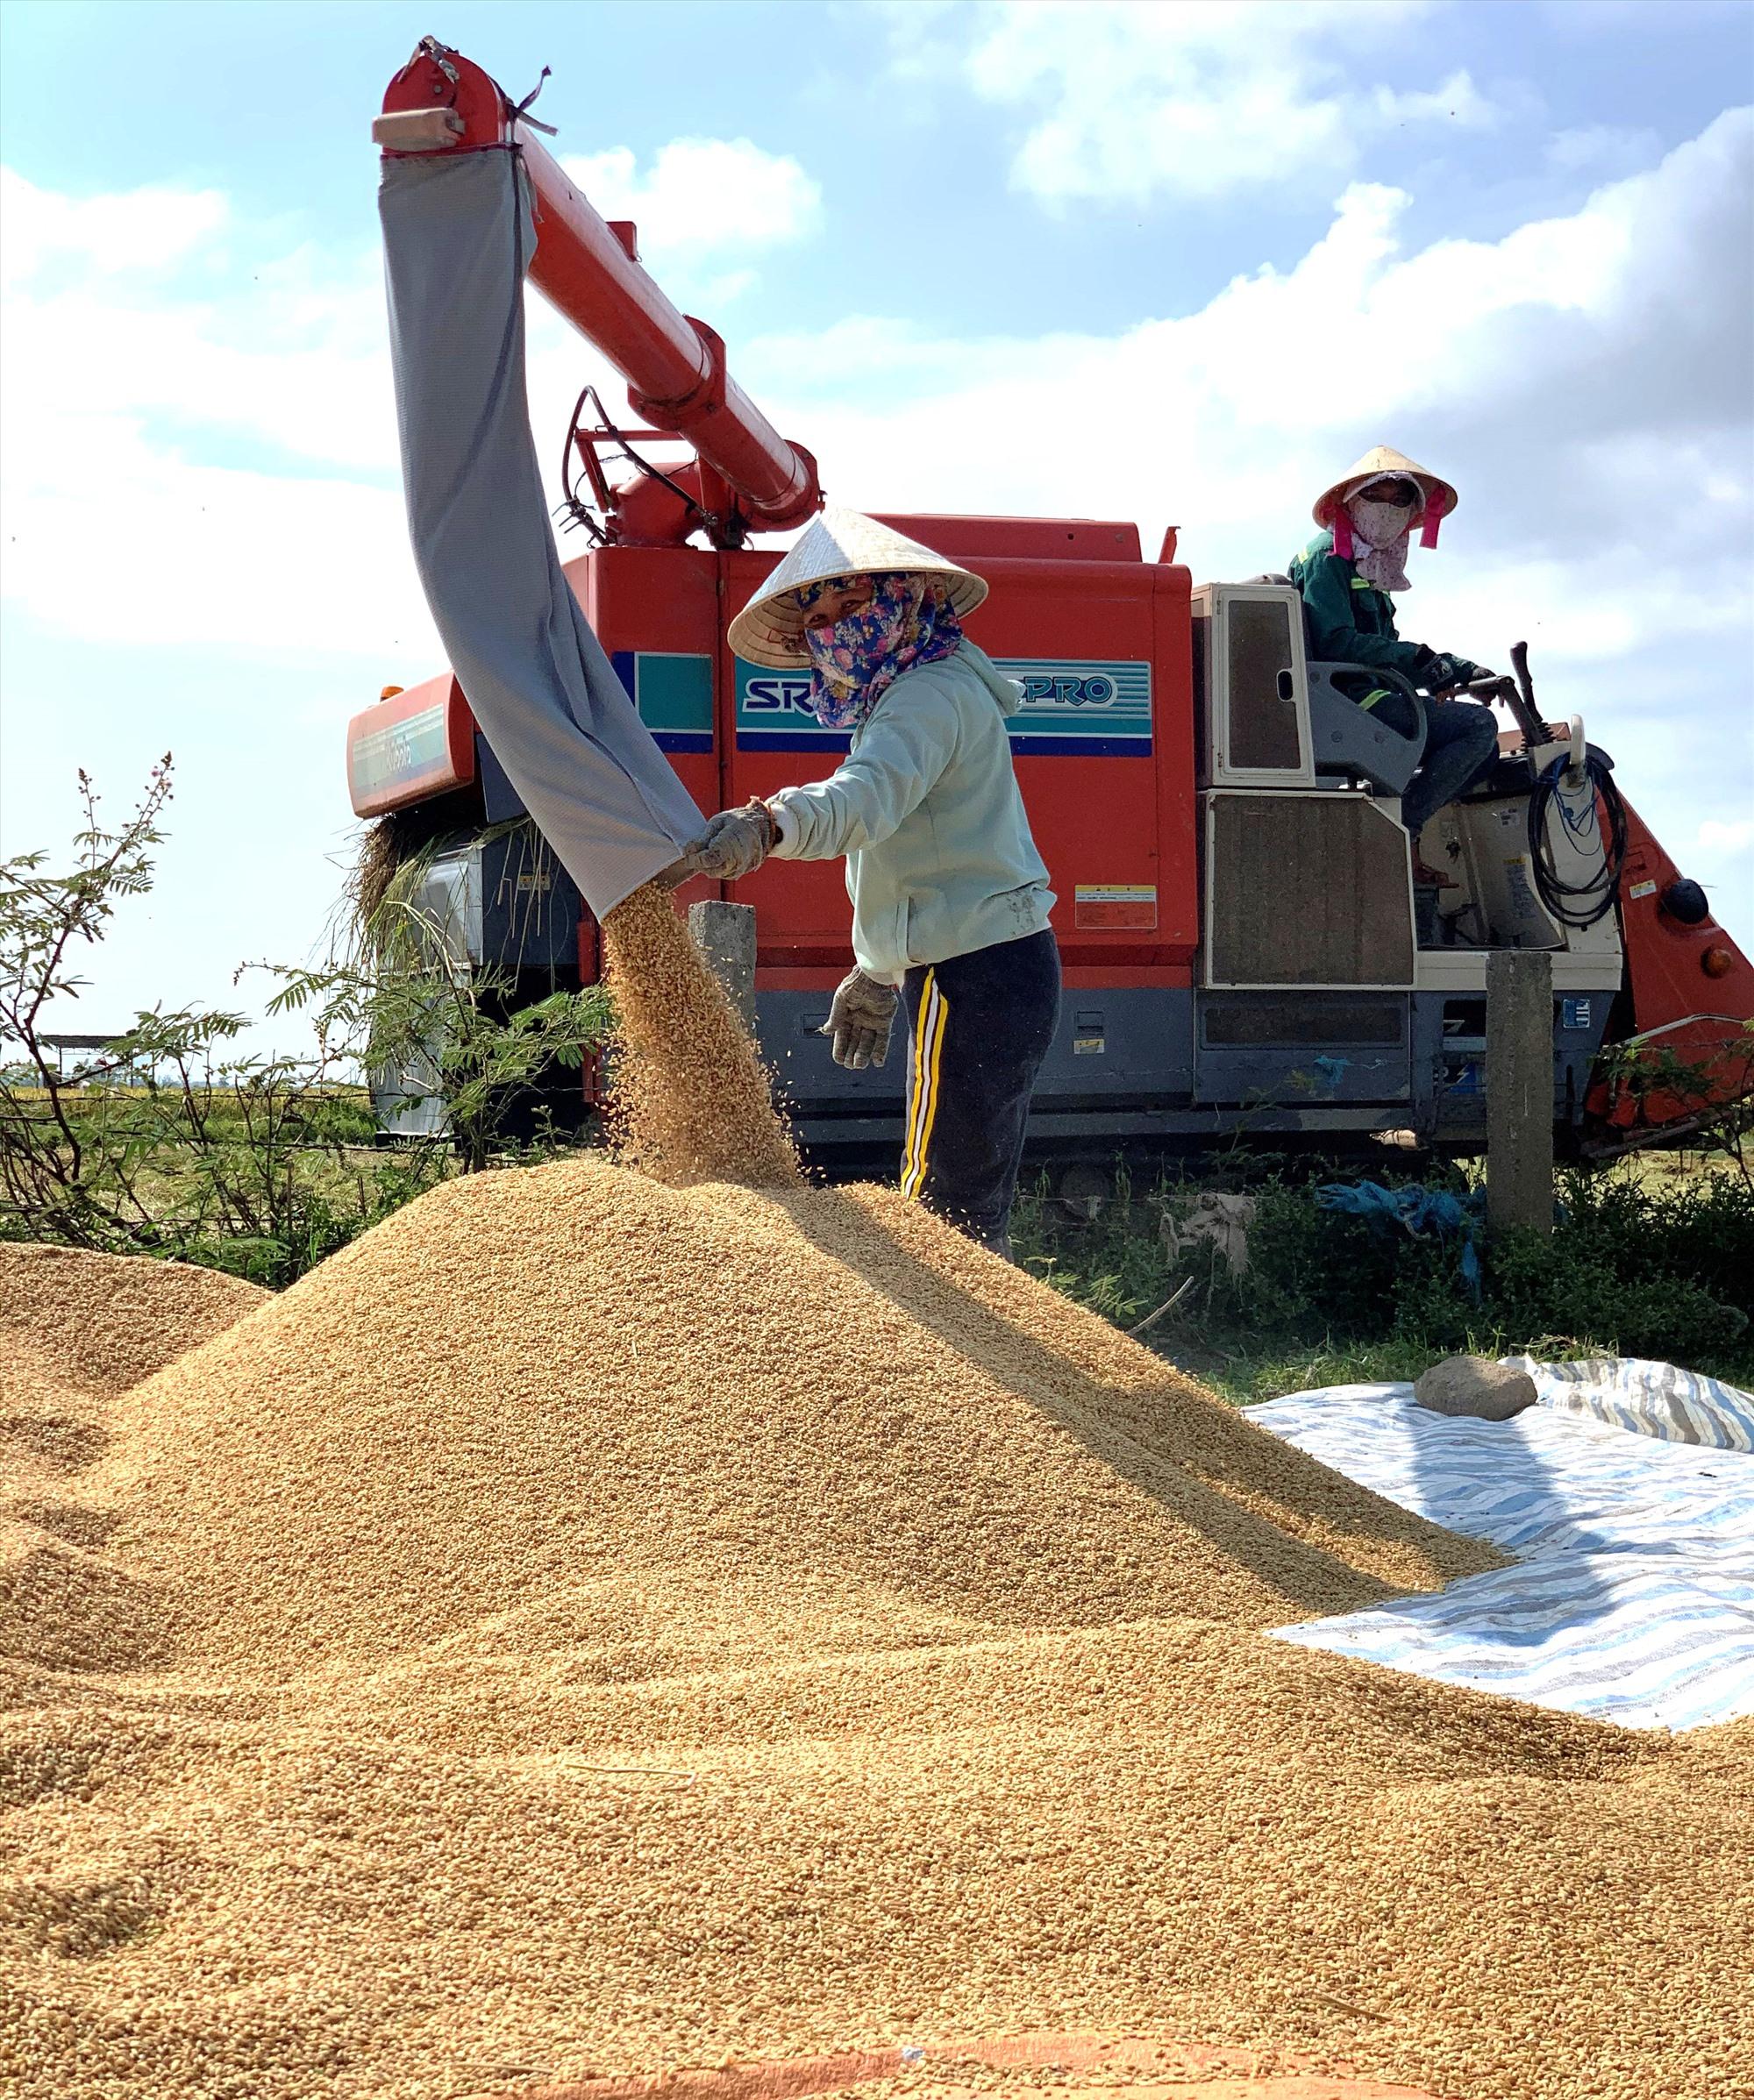 Nông dân Duy Thành huy động tối đa phương tiện cơ giới thu hoạch nếp.   Ảnh: T.S